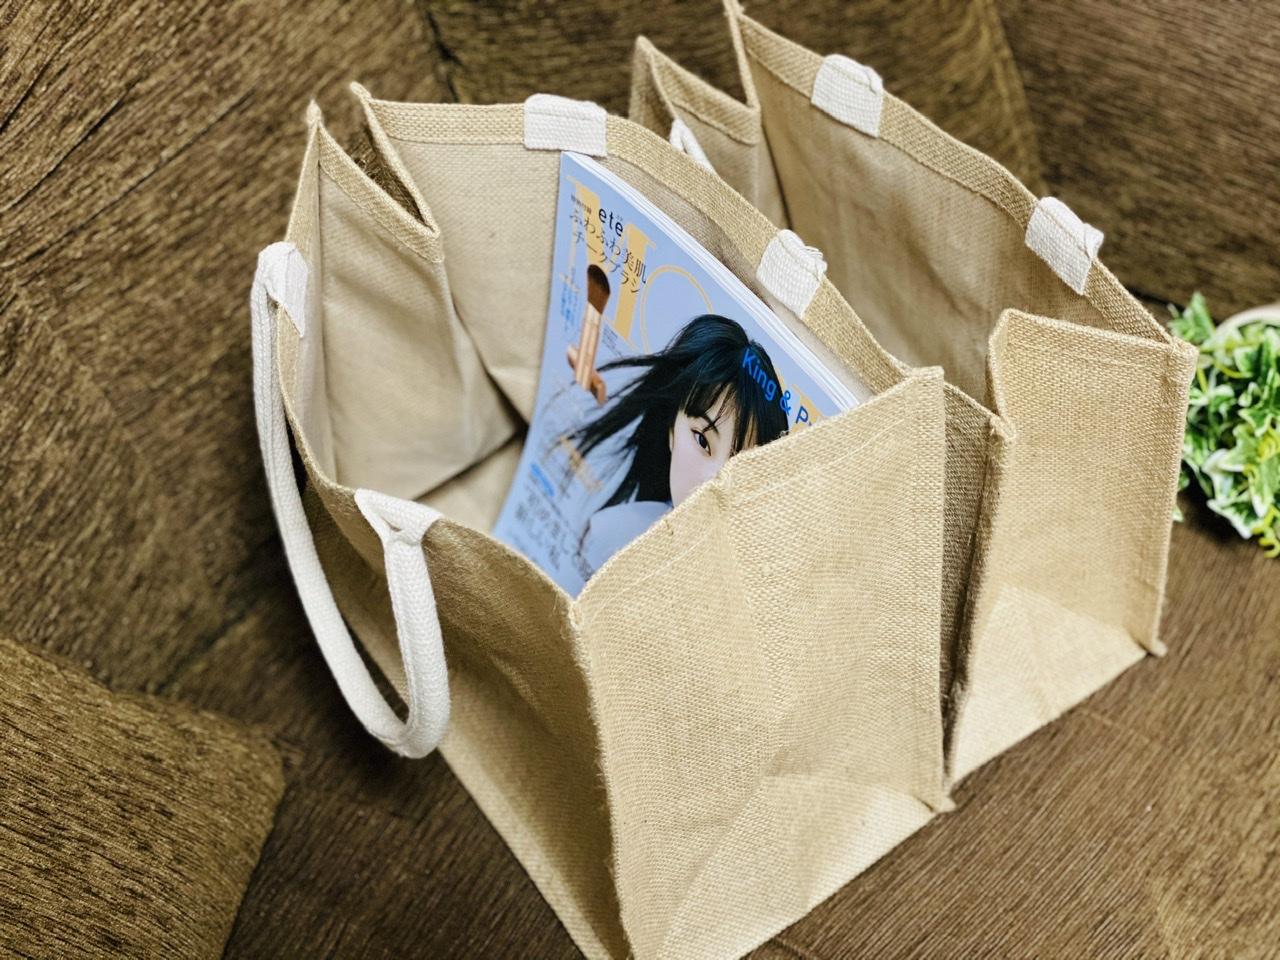 【無印良品】待望の再販売!入手困難な《ジュートマイバッグ》をついにGETしました♡_5